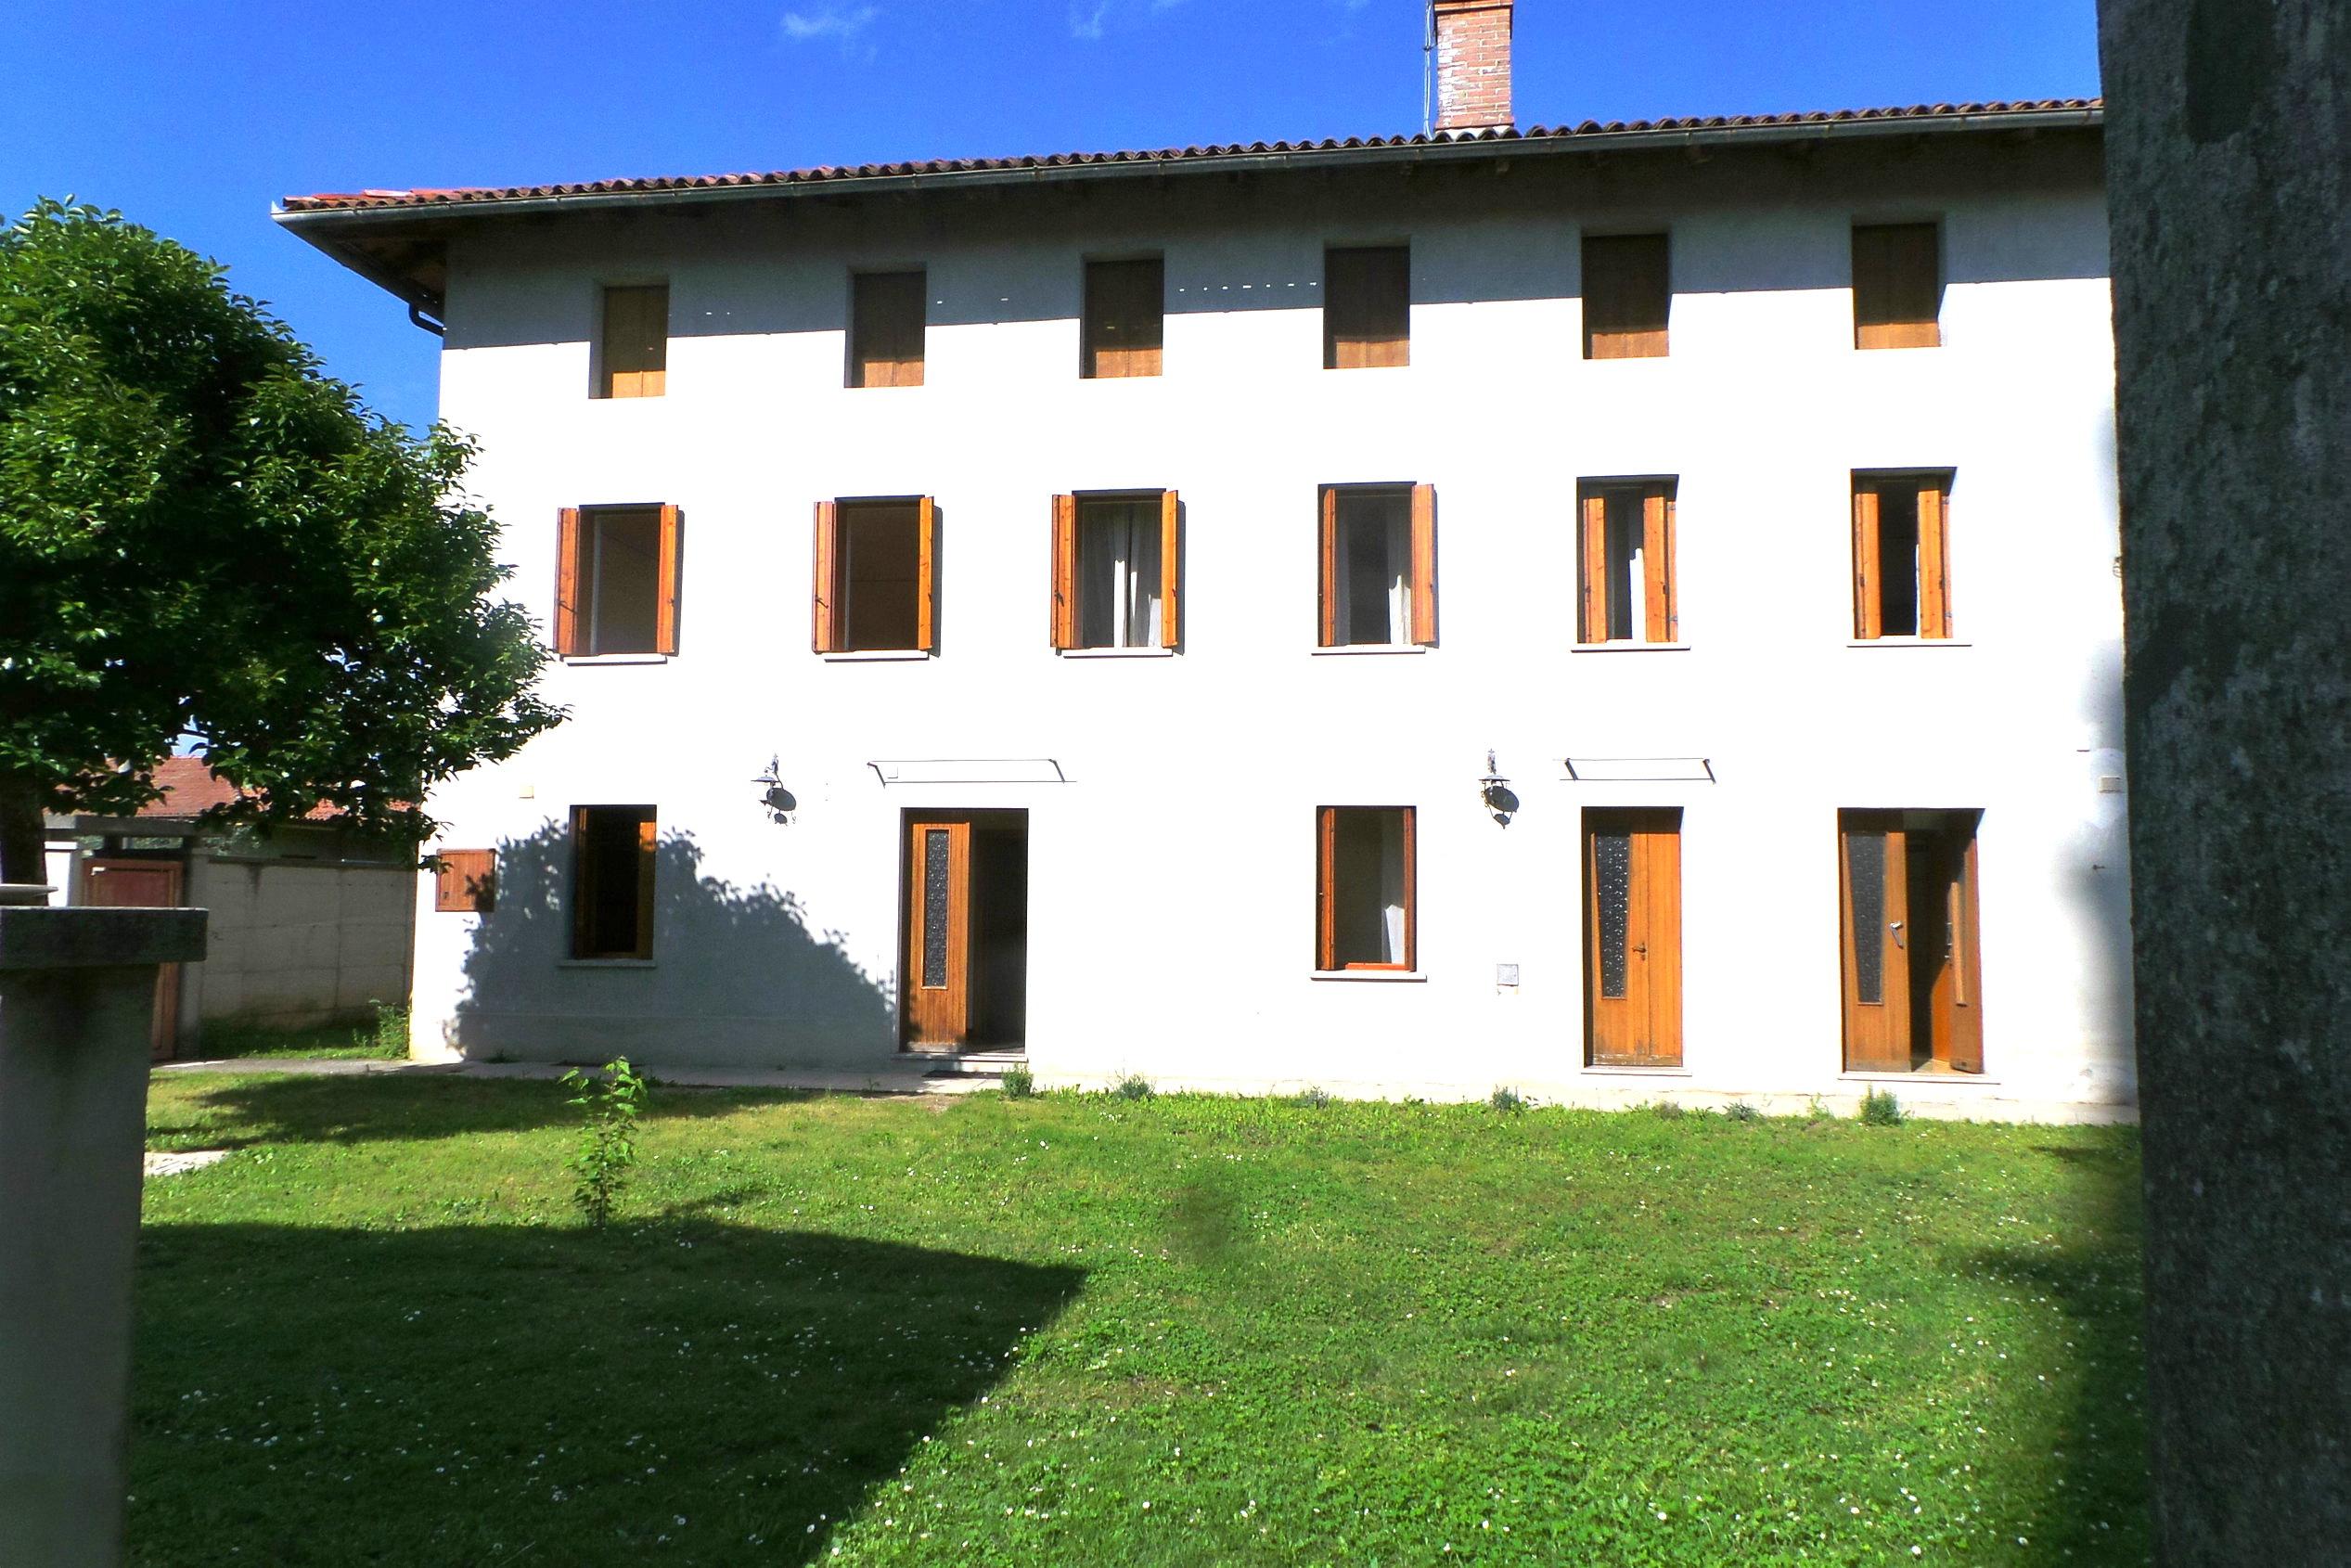 Casa tricamere biservizi con giardino di 300mq